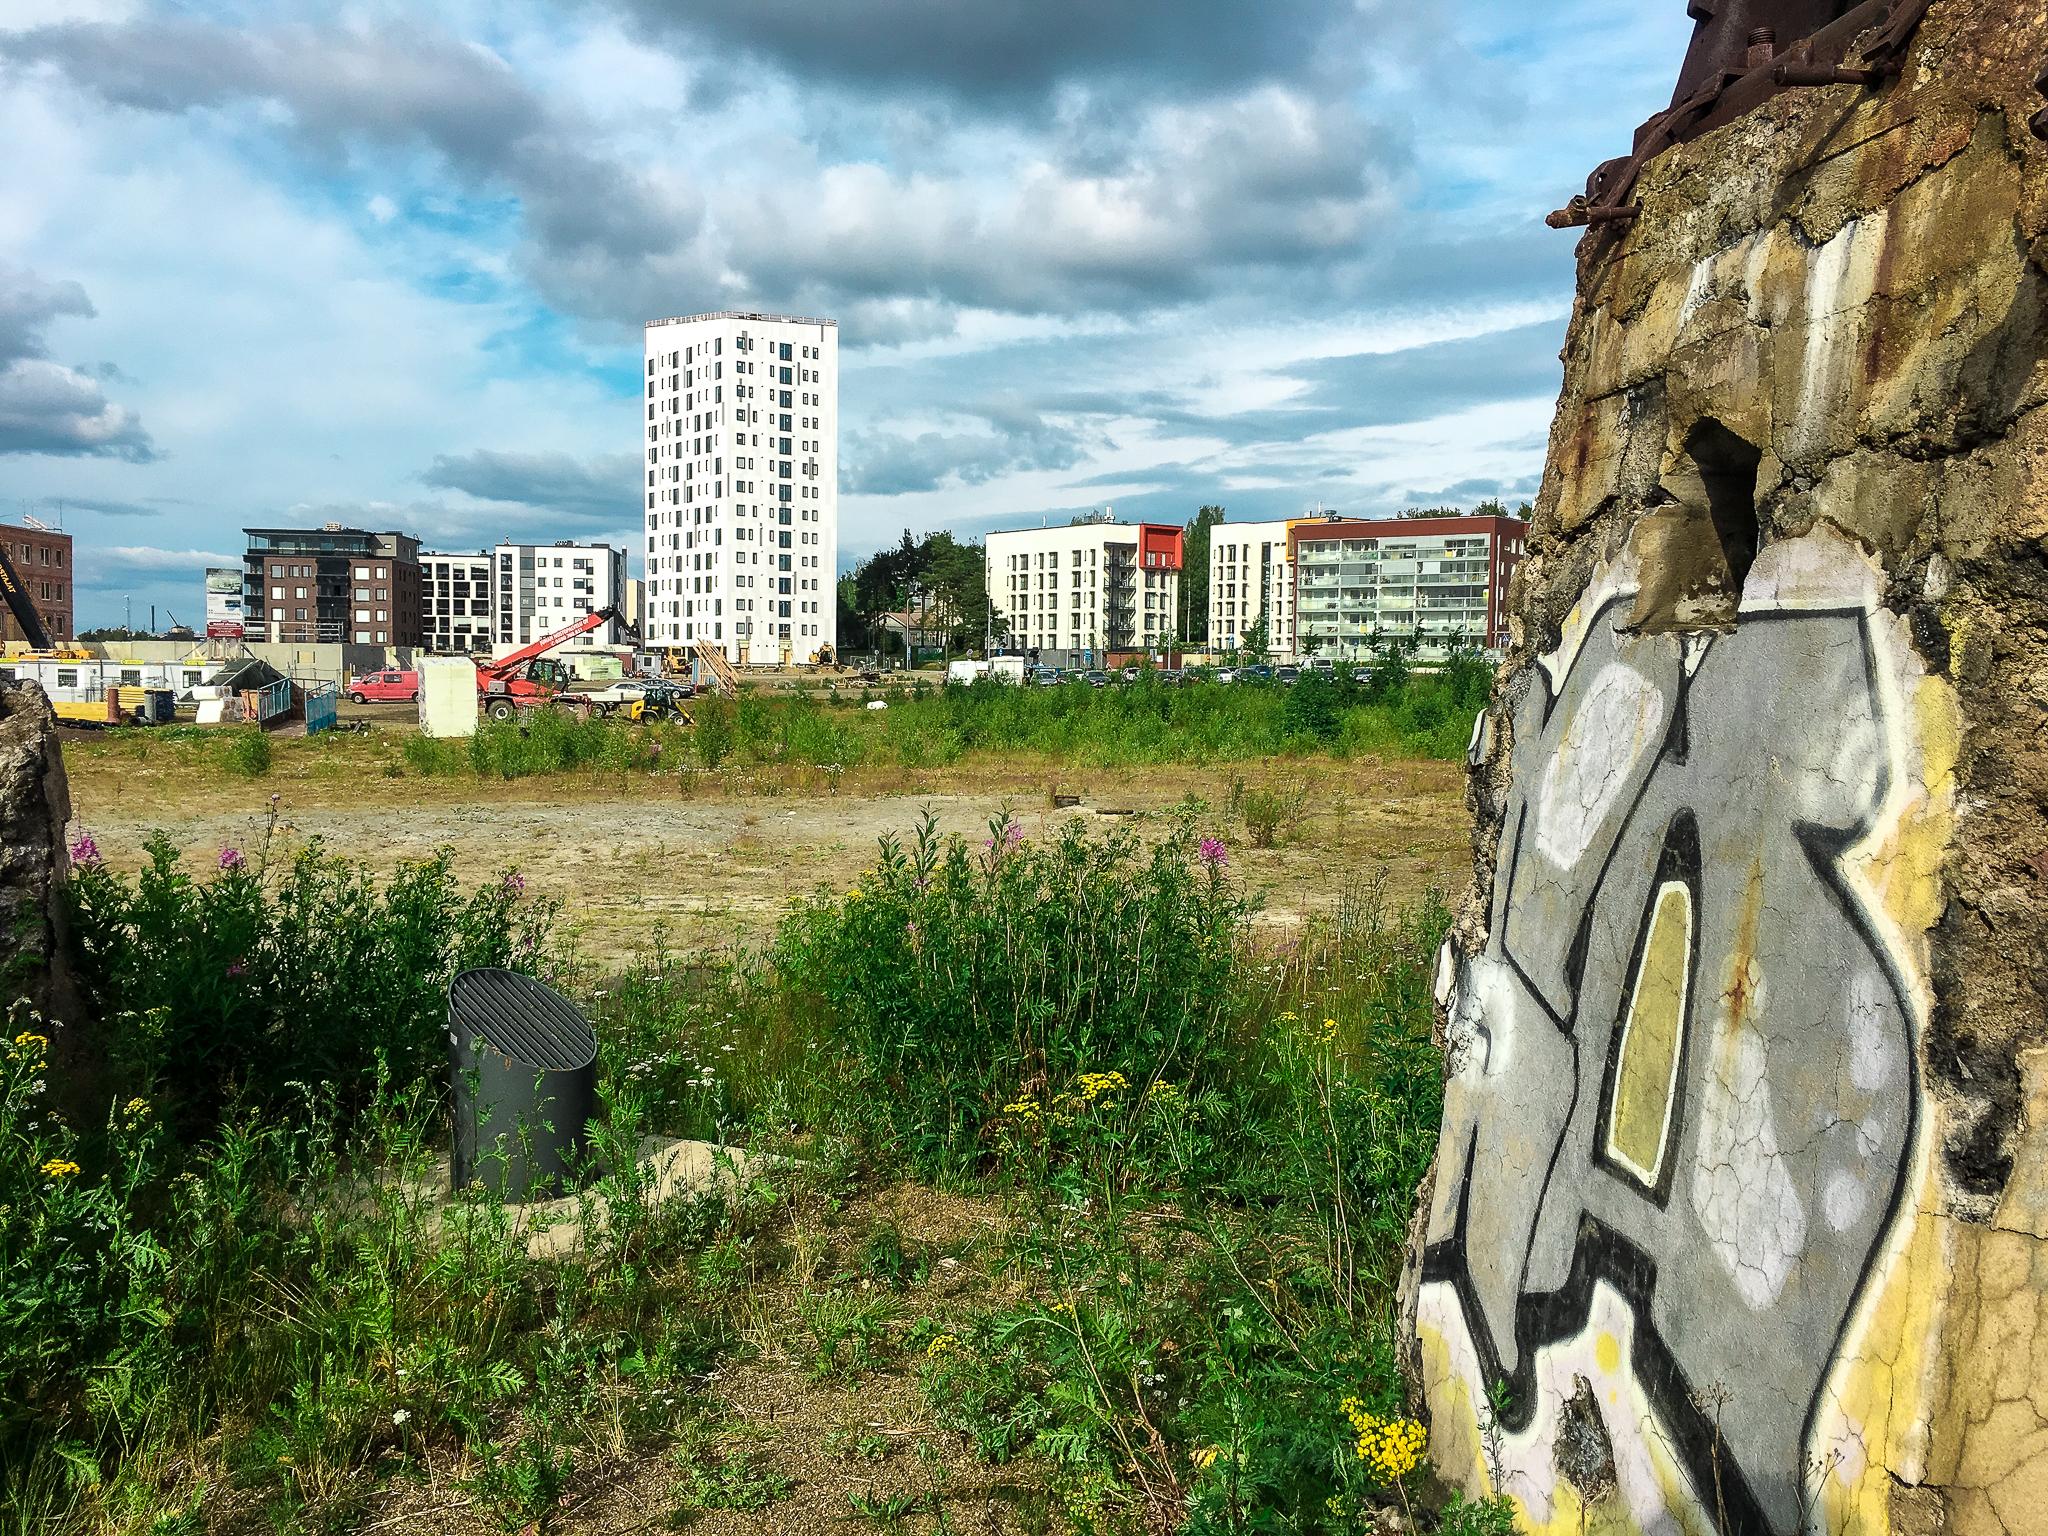 Graffitien täyttämä kiviseinä, niitty ja taustalla näkyvä kaupunki.